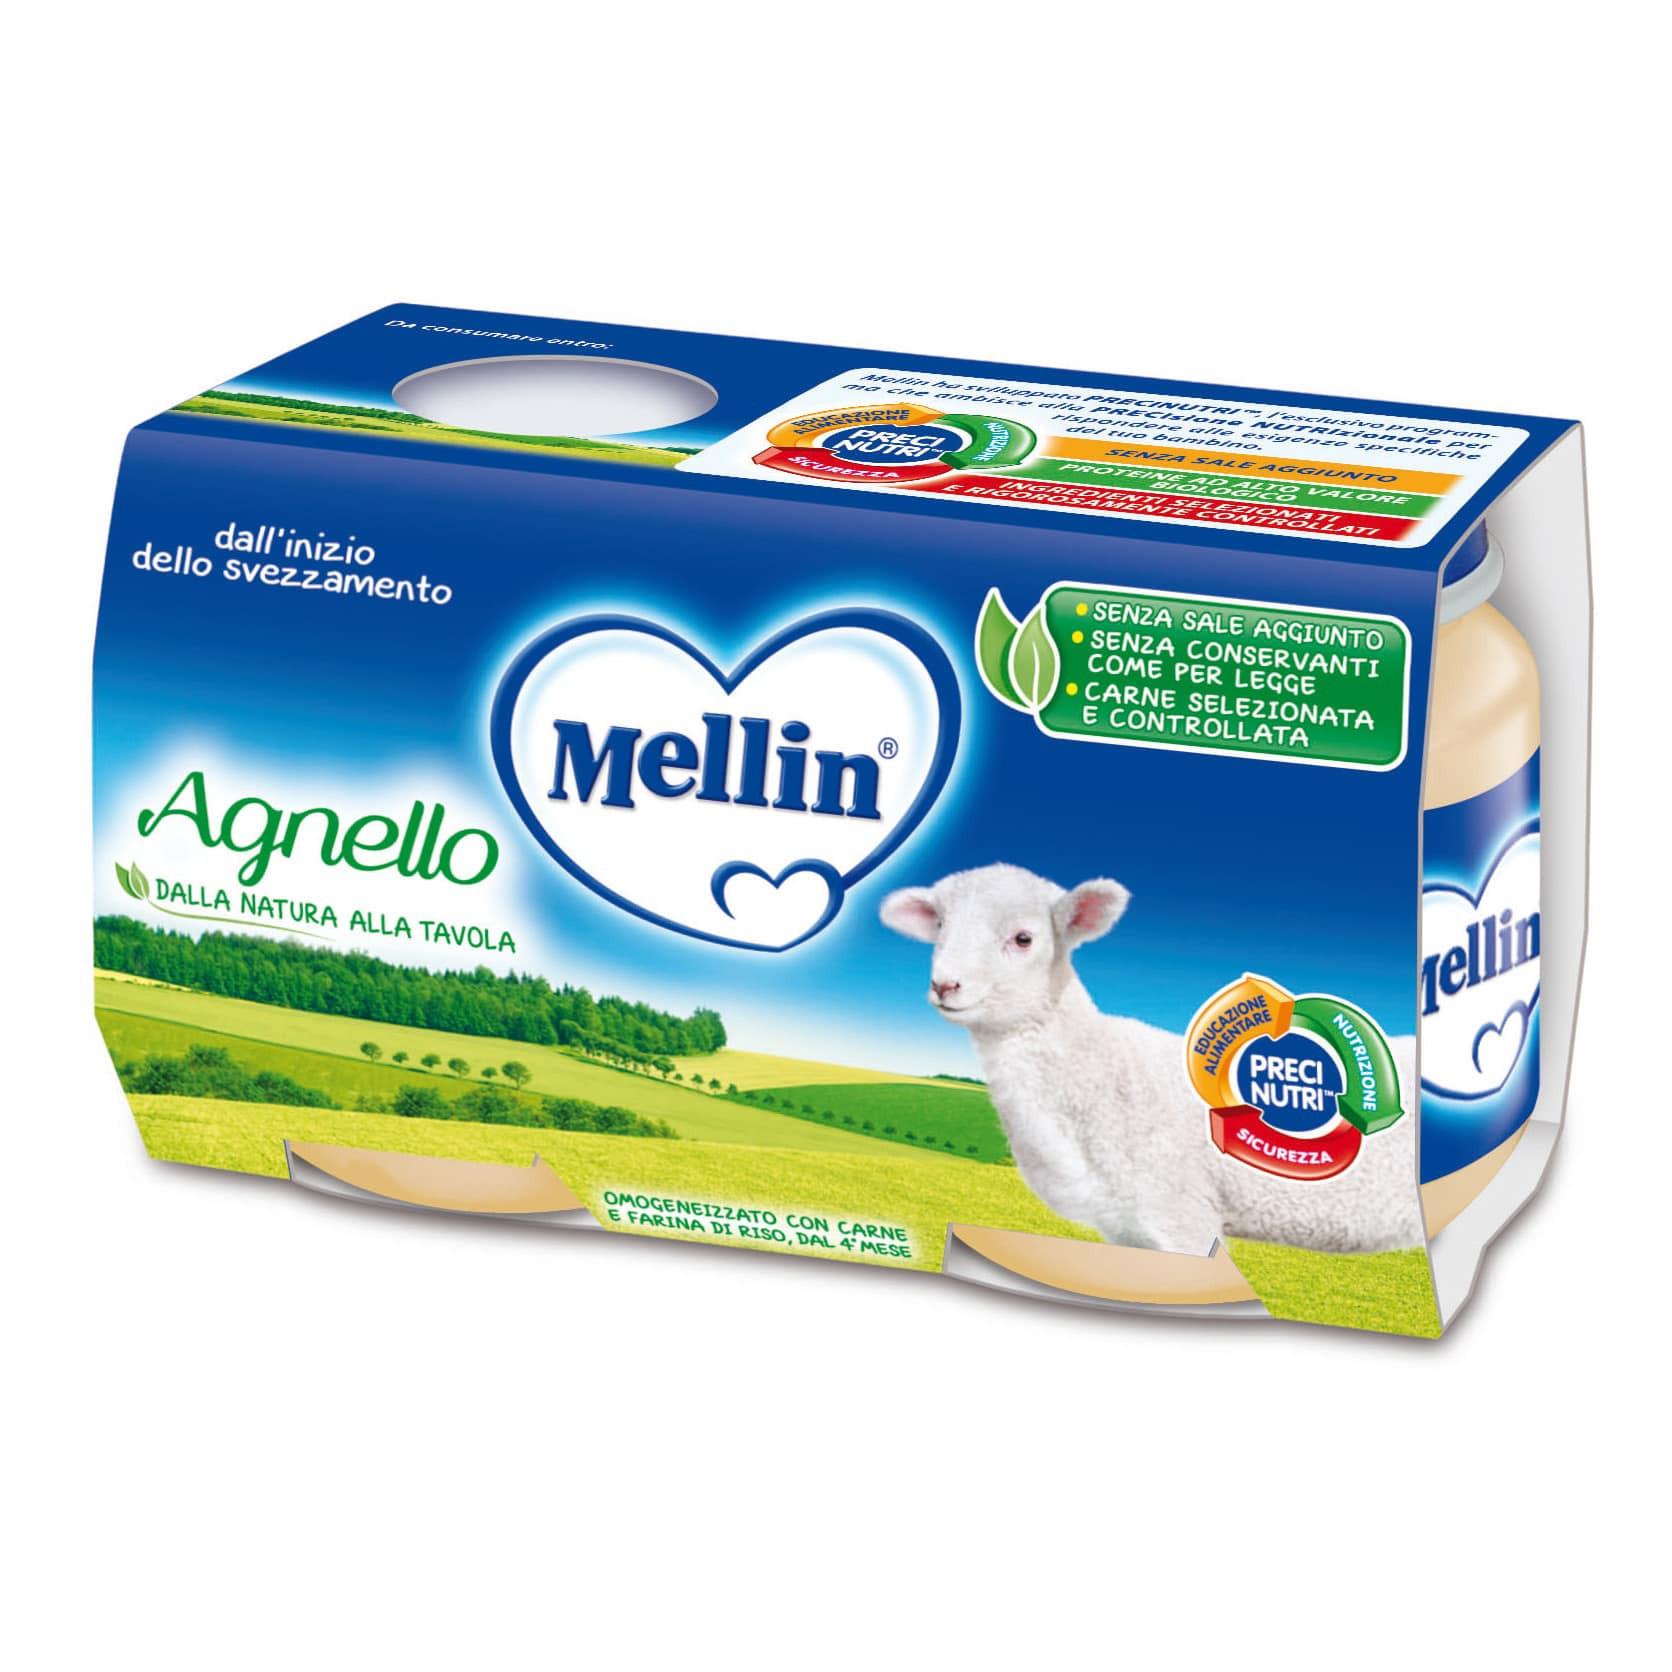 Omogeneizzato Agnello Mellin - 2 x 120 g